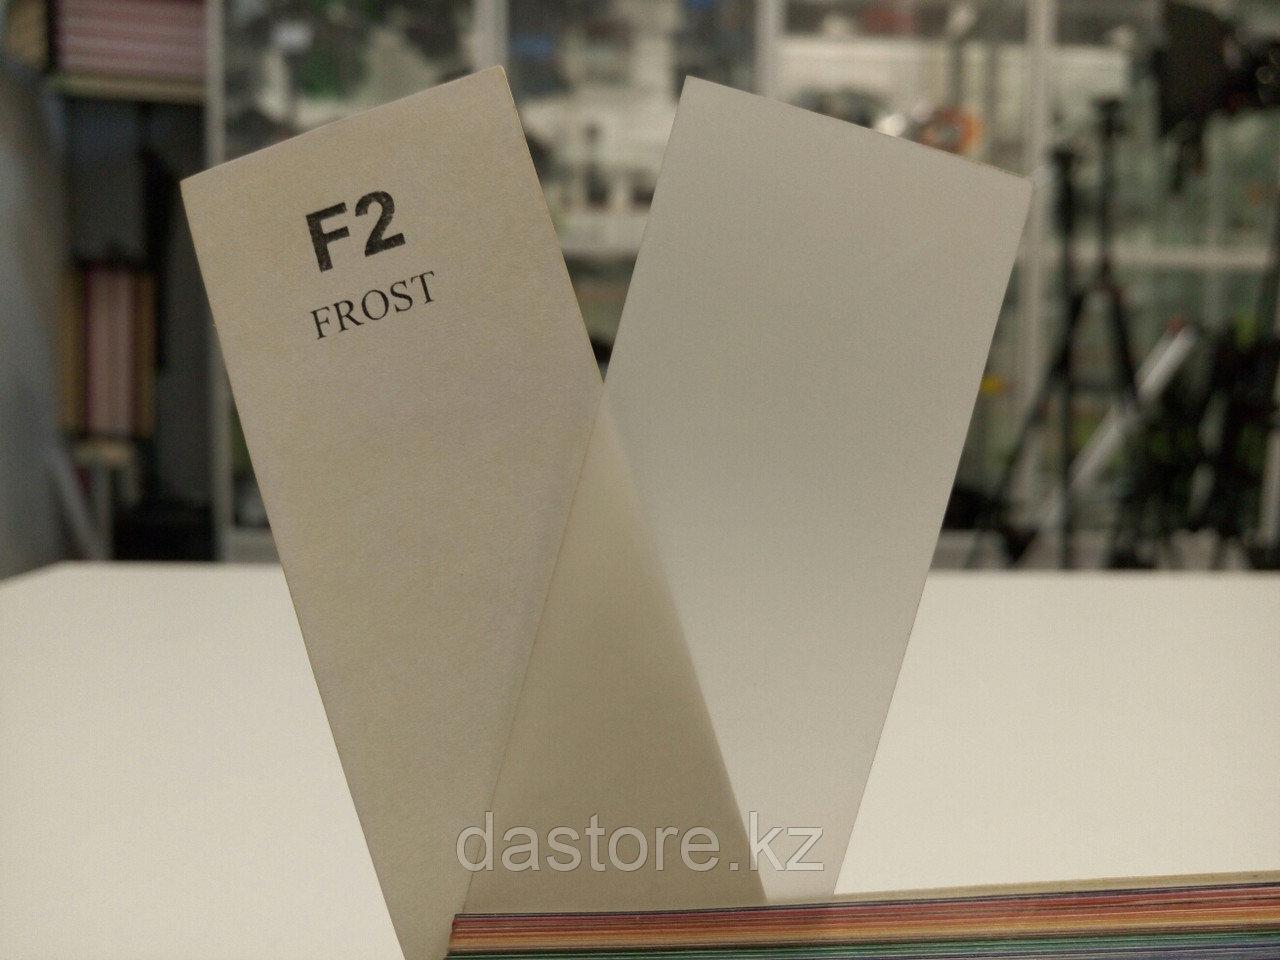 Cotech F2 WHITE DIFFUSION светофильтр для осветительных приборов